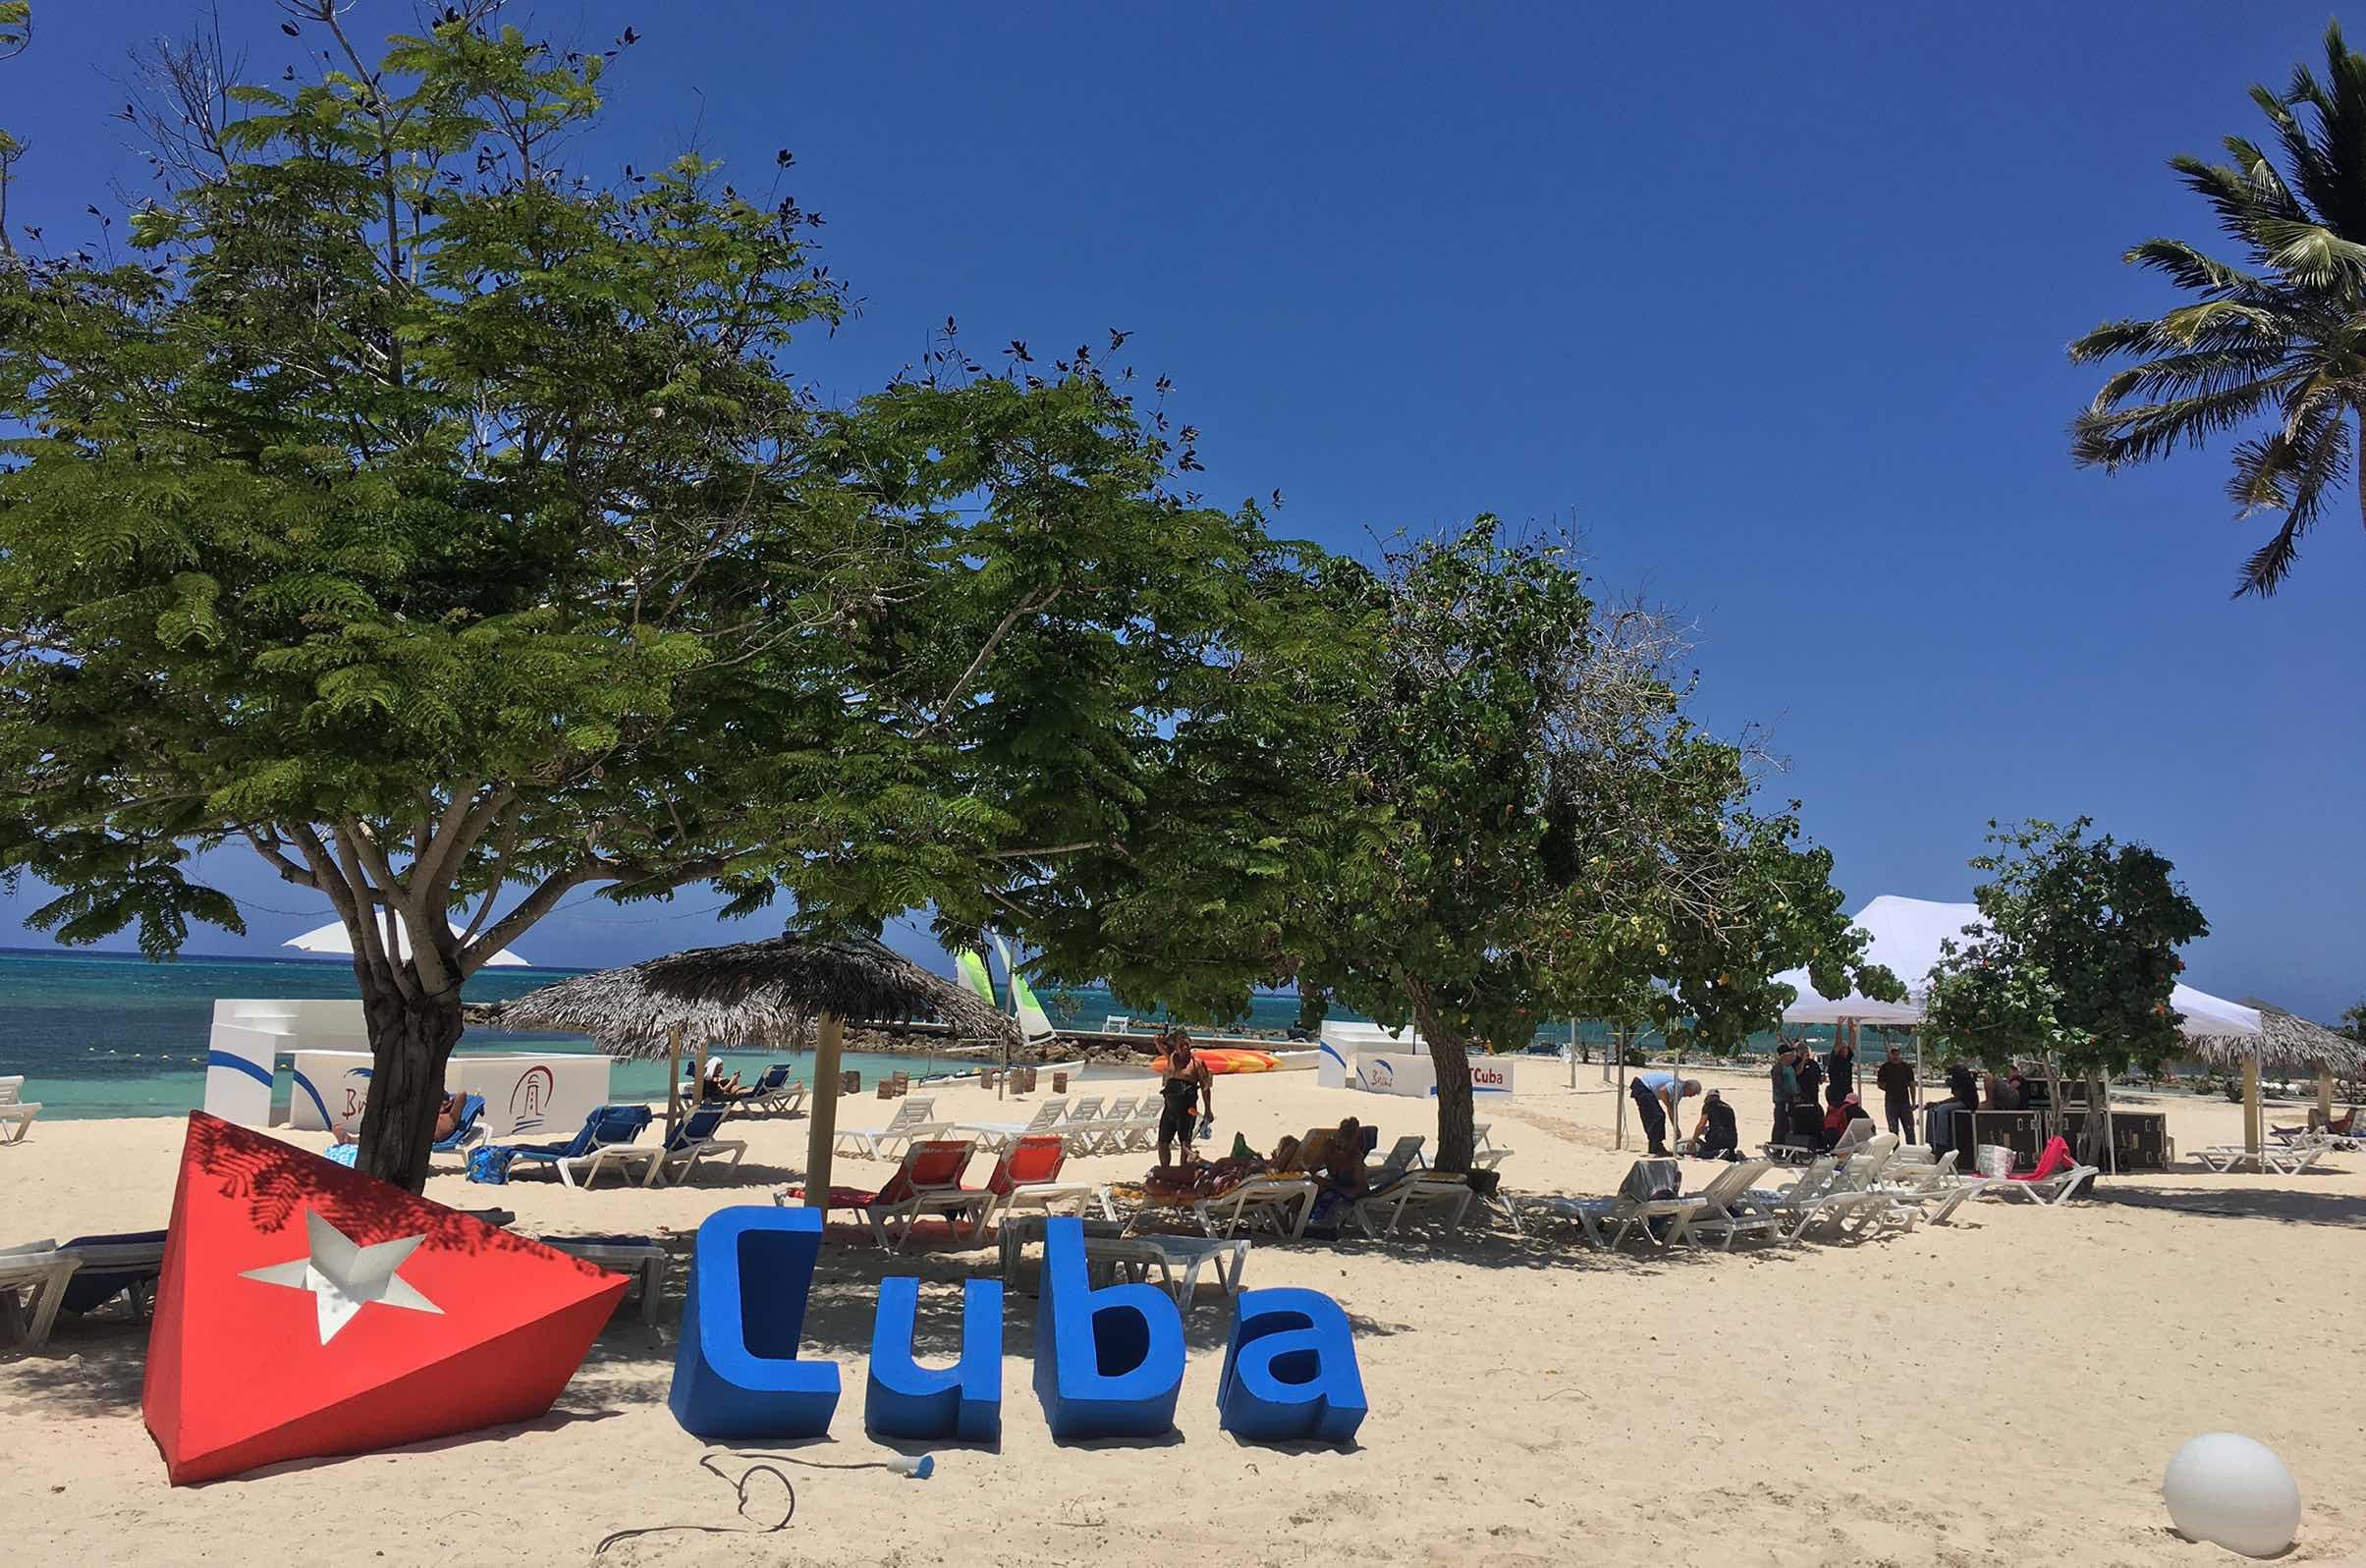 En Cuba demandan libertad, respeto a sus derechos humanos y paz: cubanos residentes en Xalapa